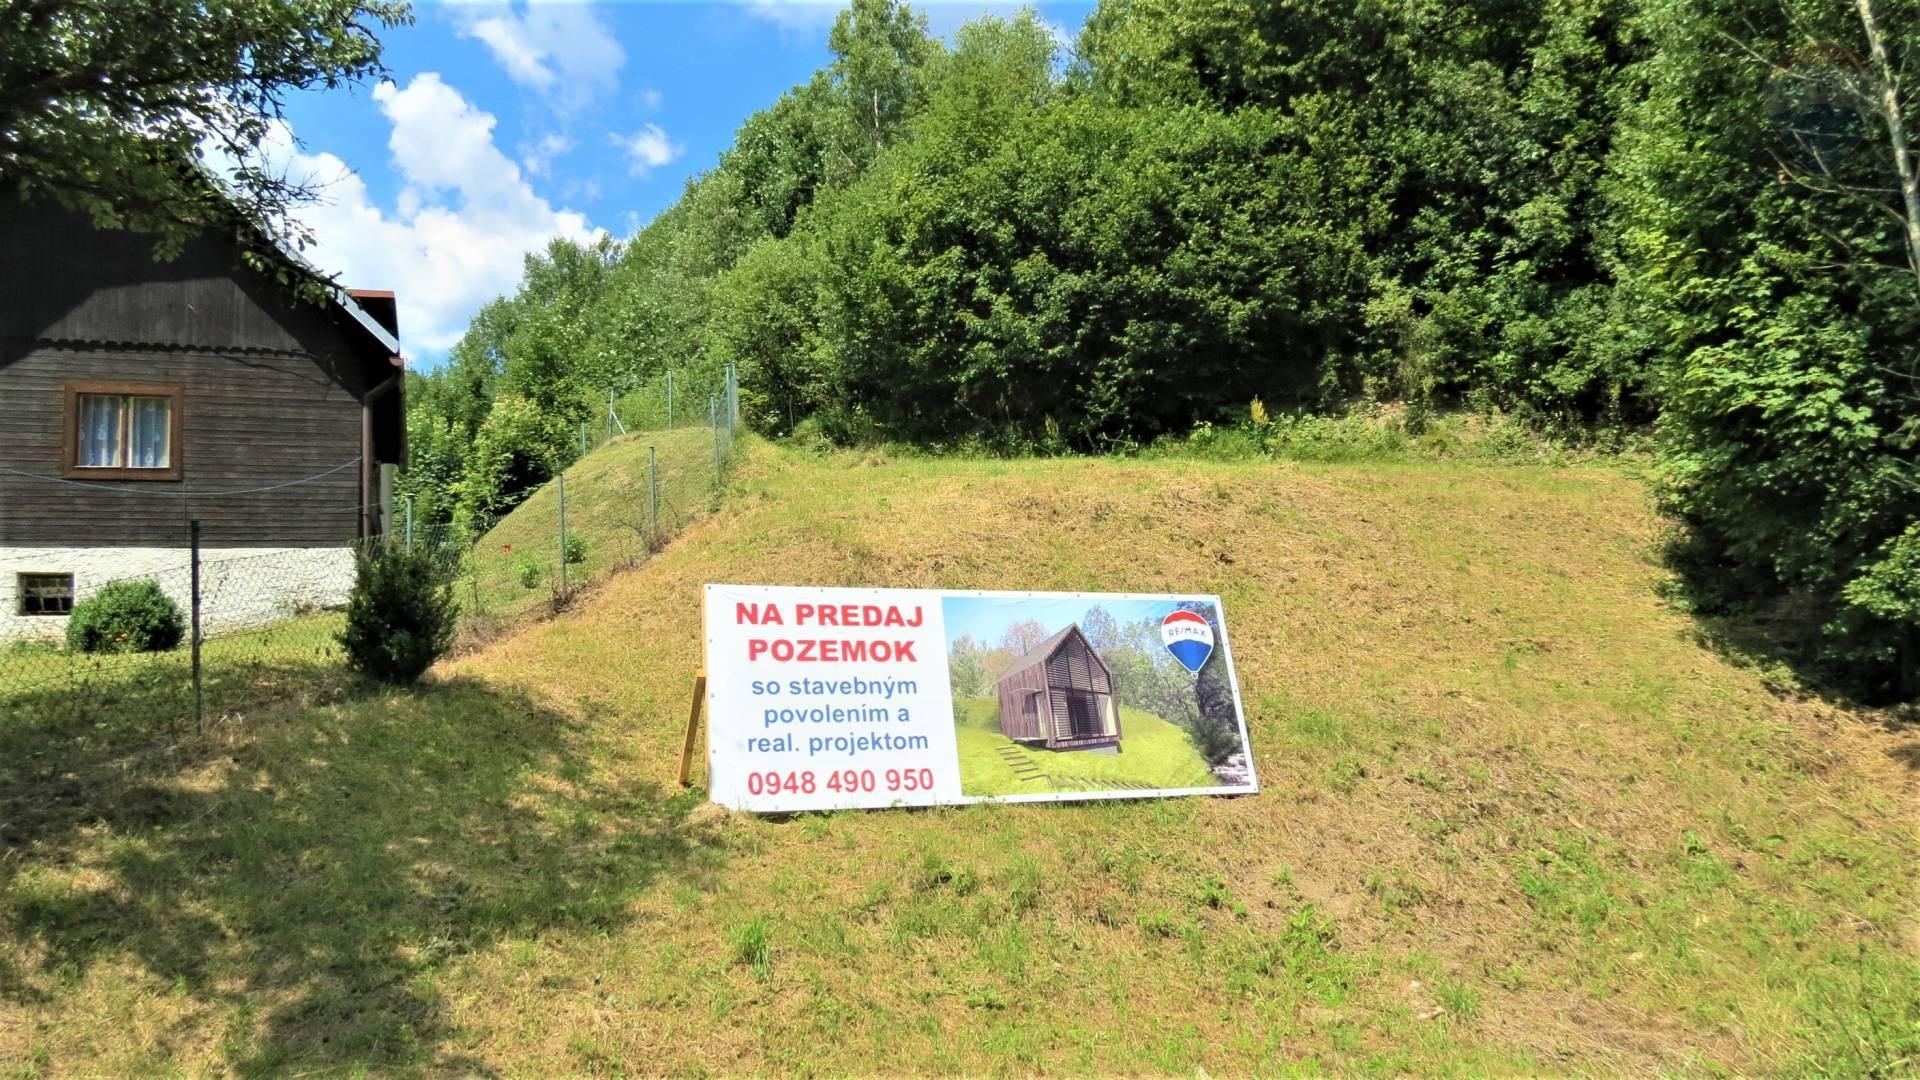 Predaj pozemku 564 m2, Bystrá - pozemok chata bystrá tále mýto